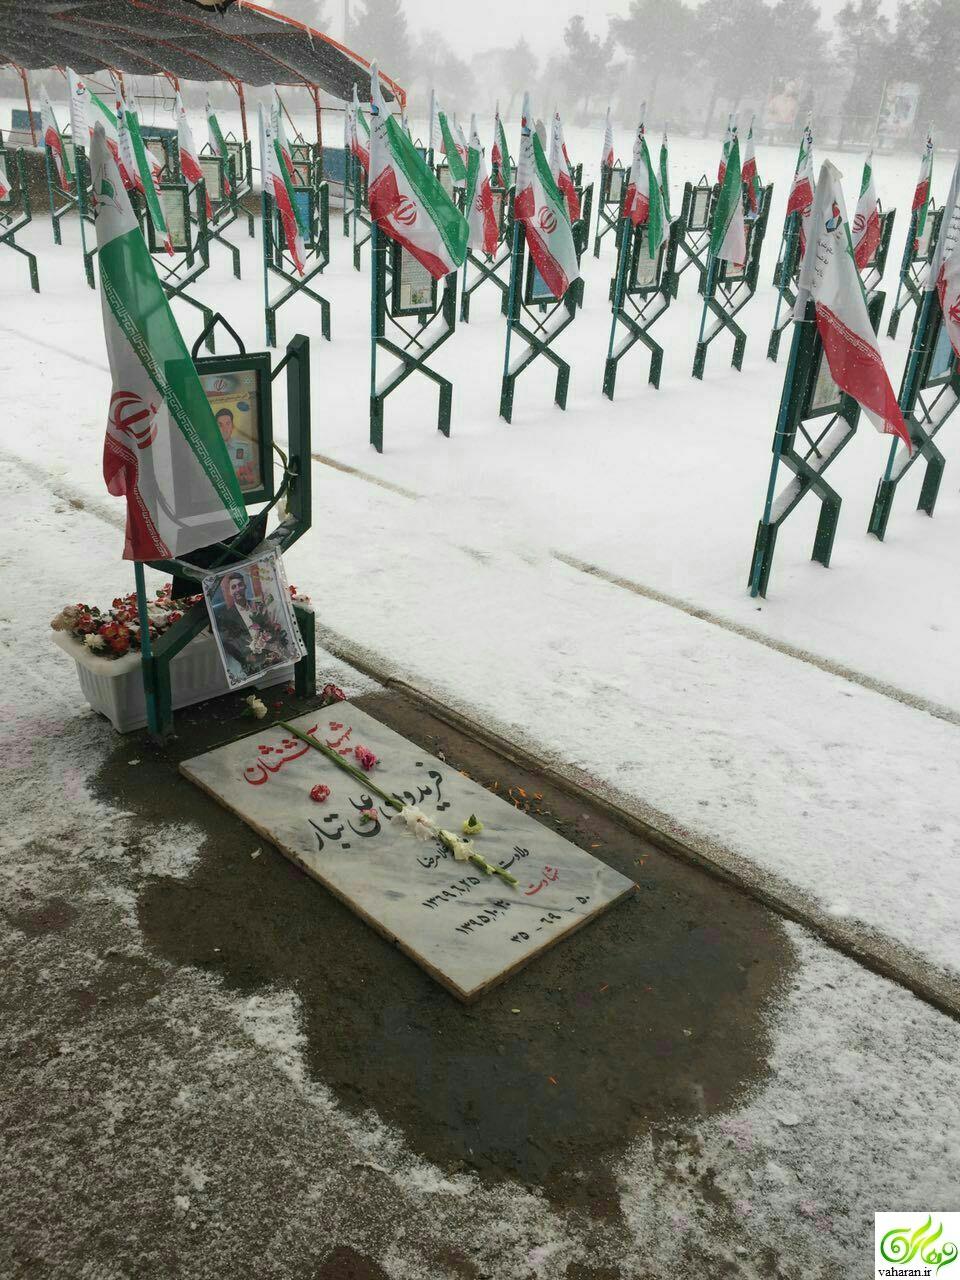 عکس غم انگیز قبر یکی از شهیدان آتش نشان حادثه پلاسکو را ببینید